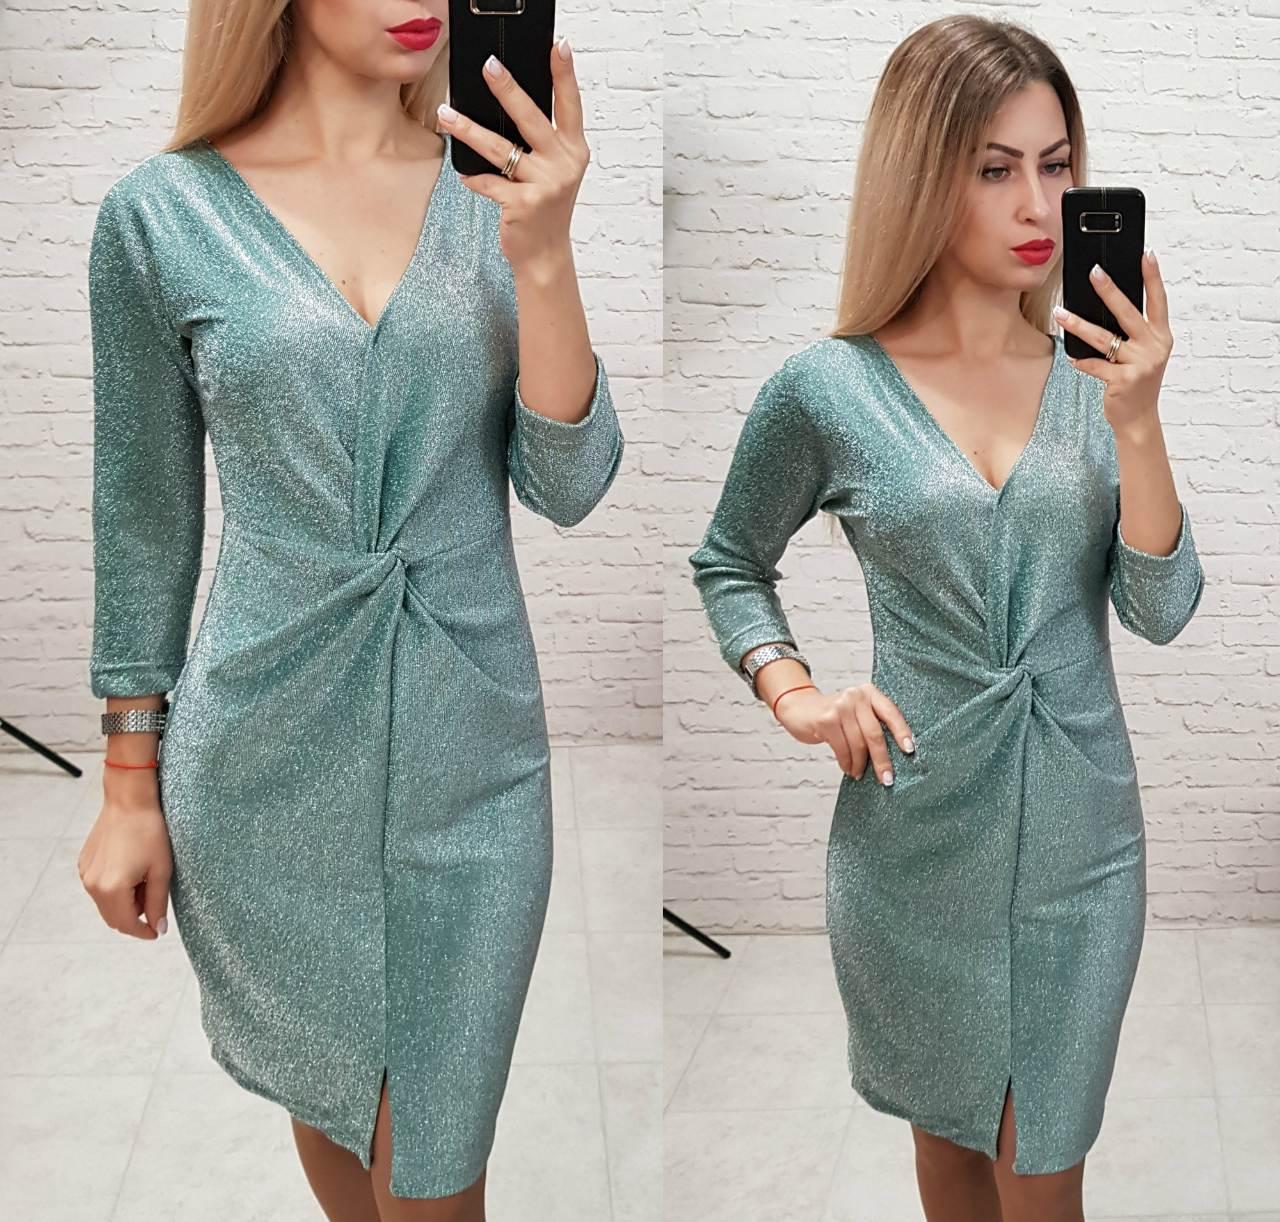 Картинки по запросу Интернет магазин модной одежды «Khan»